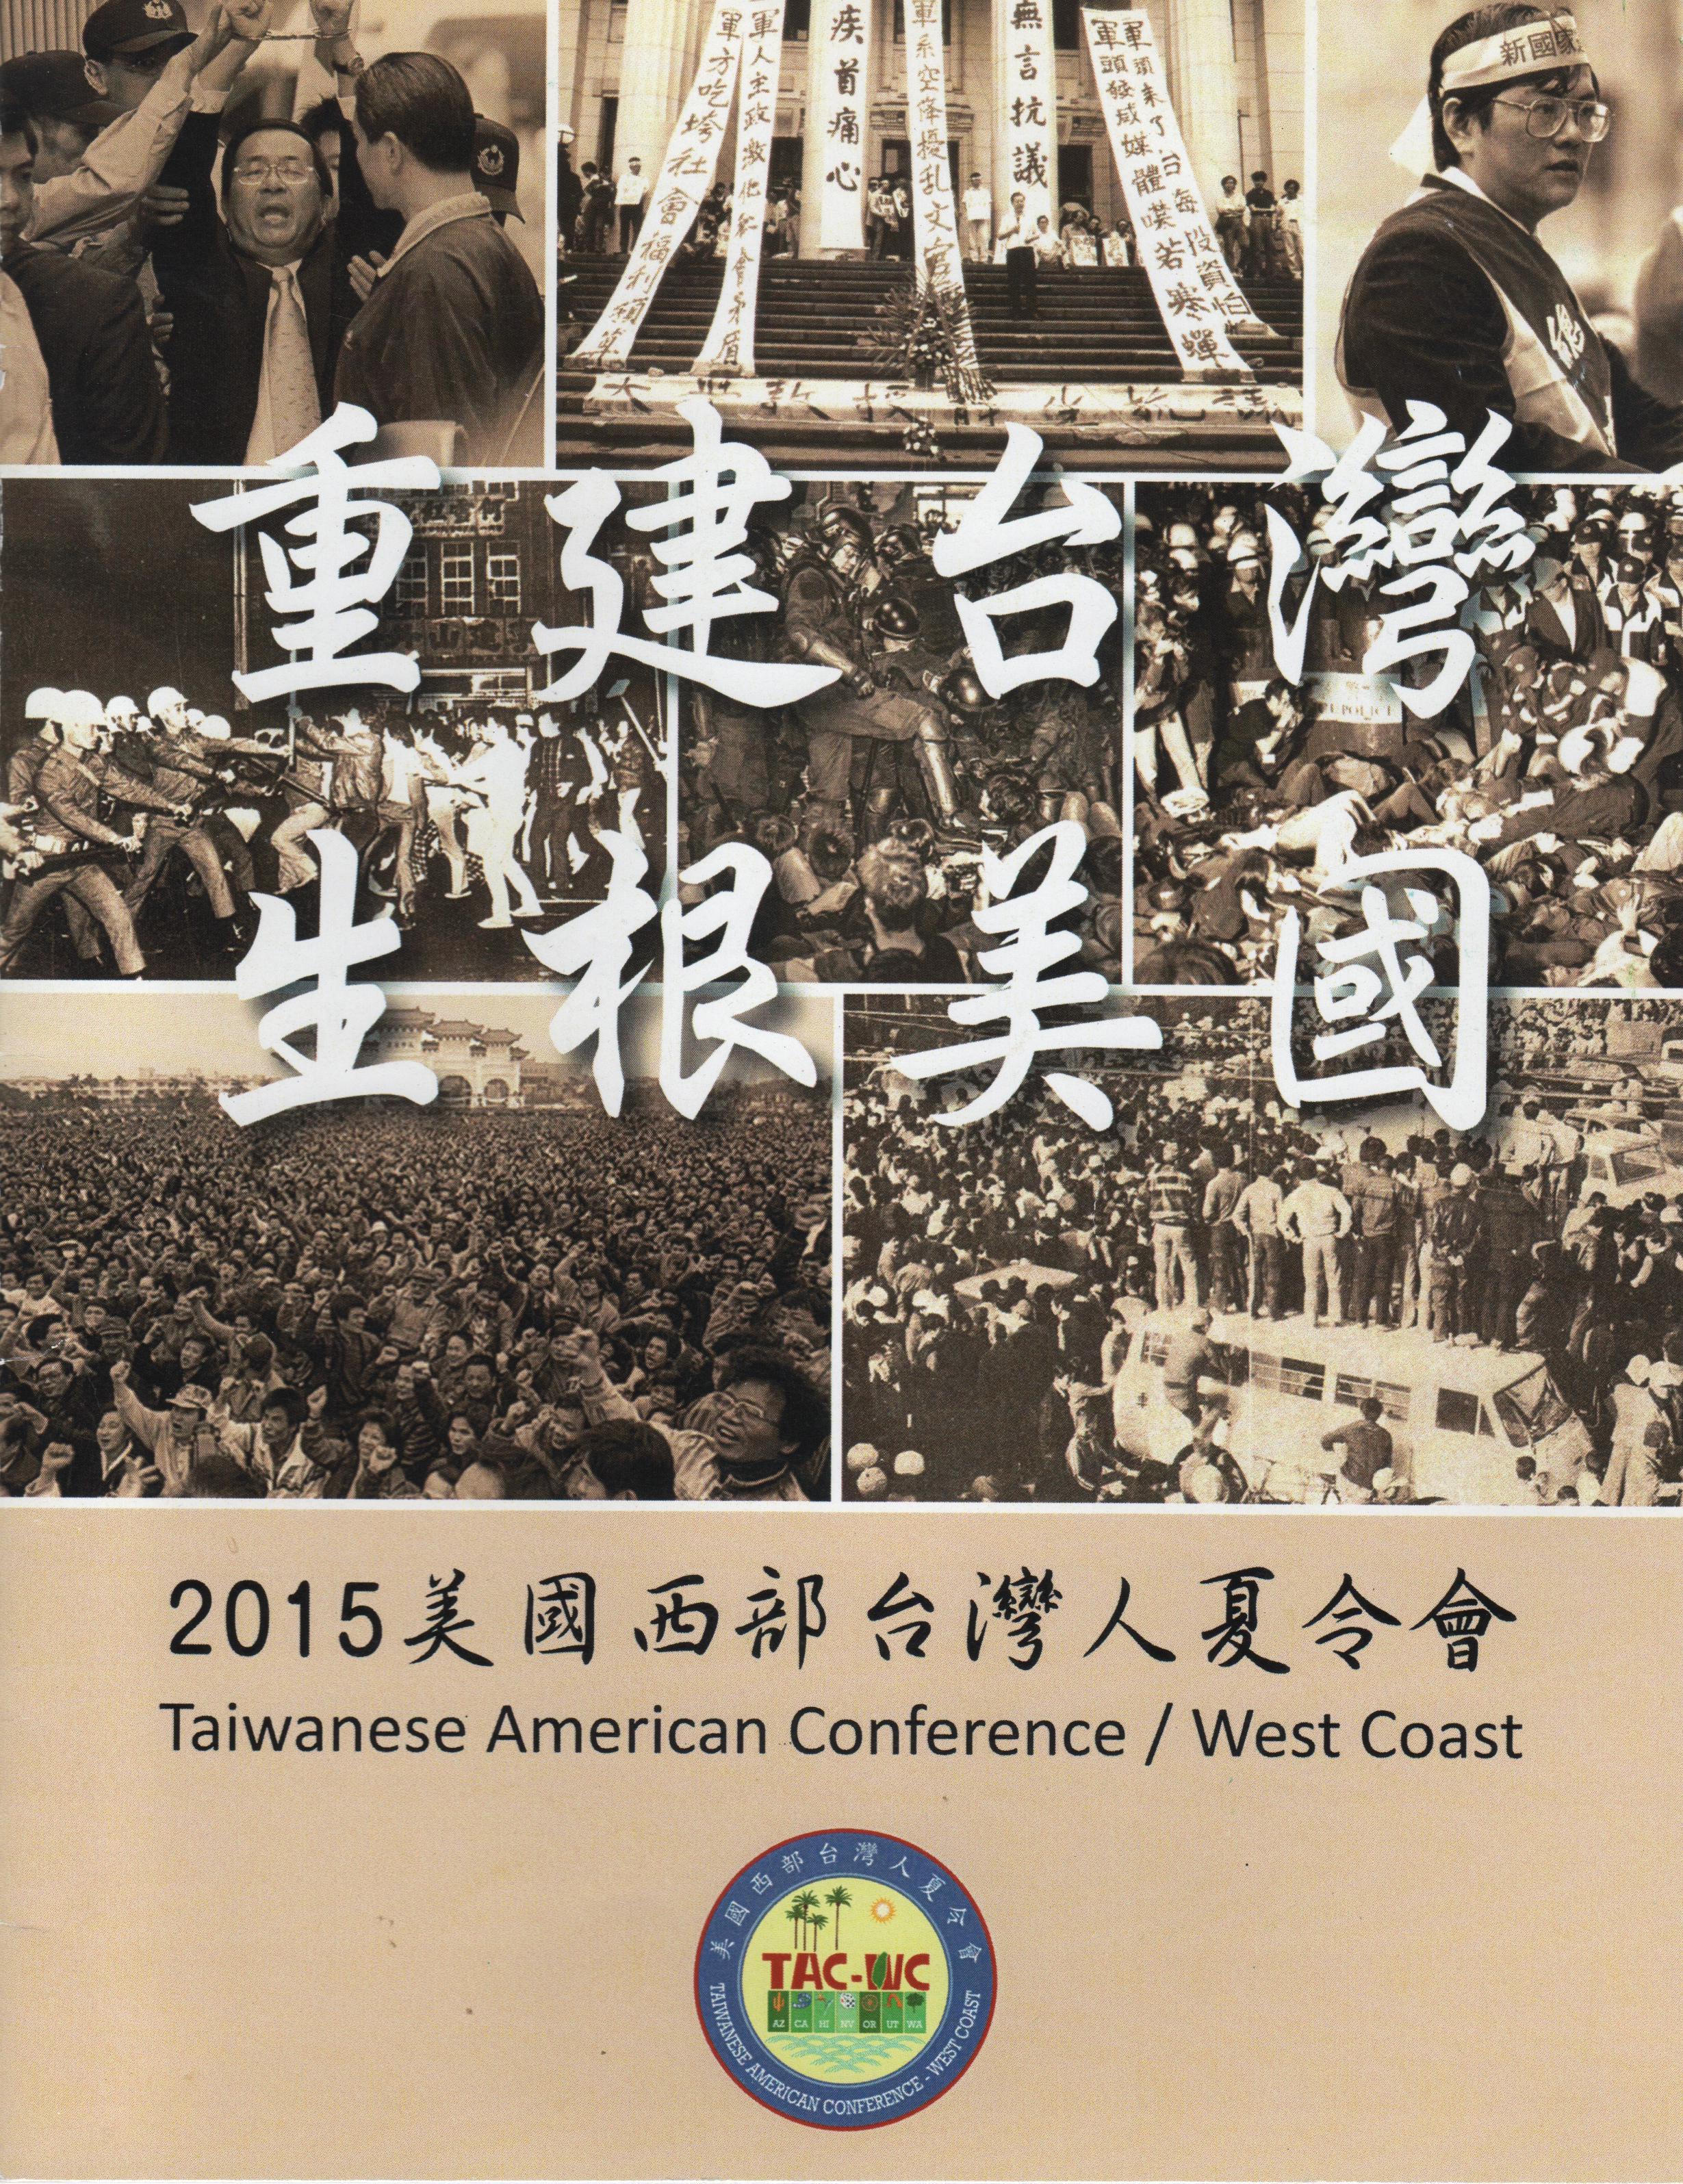 TACWC 2015